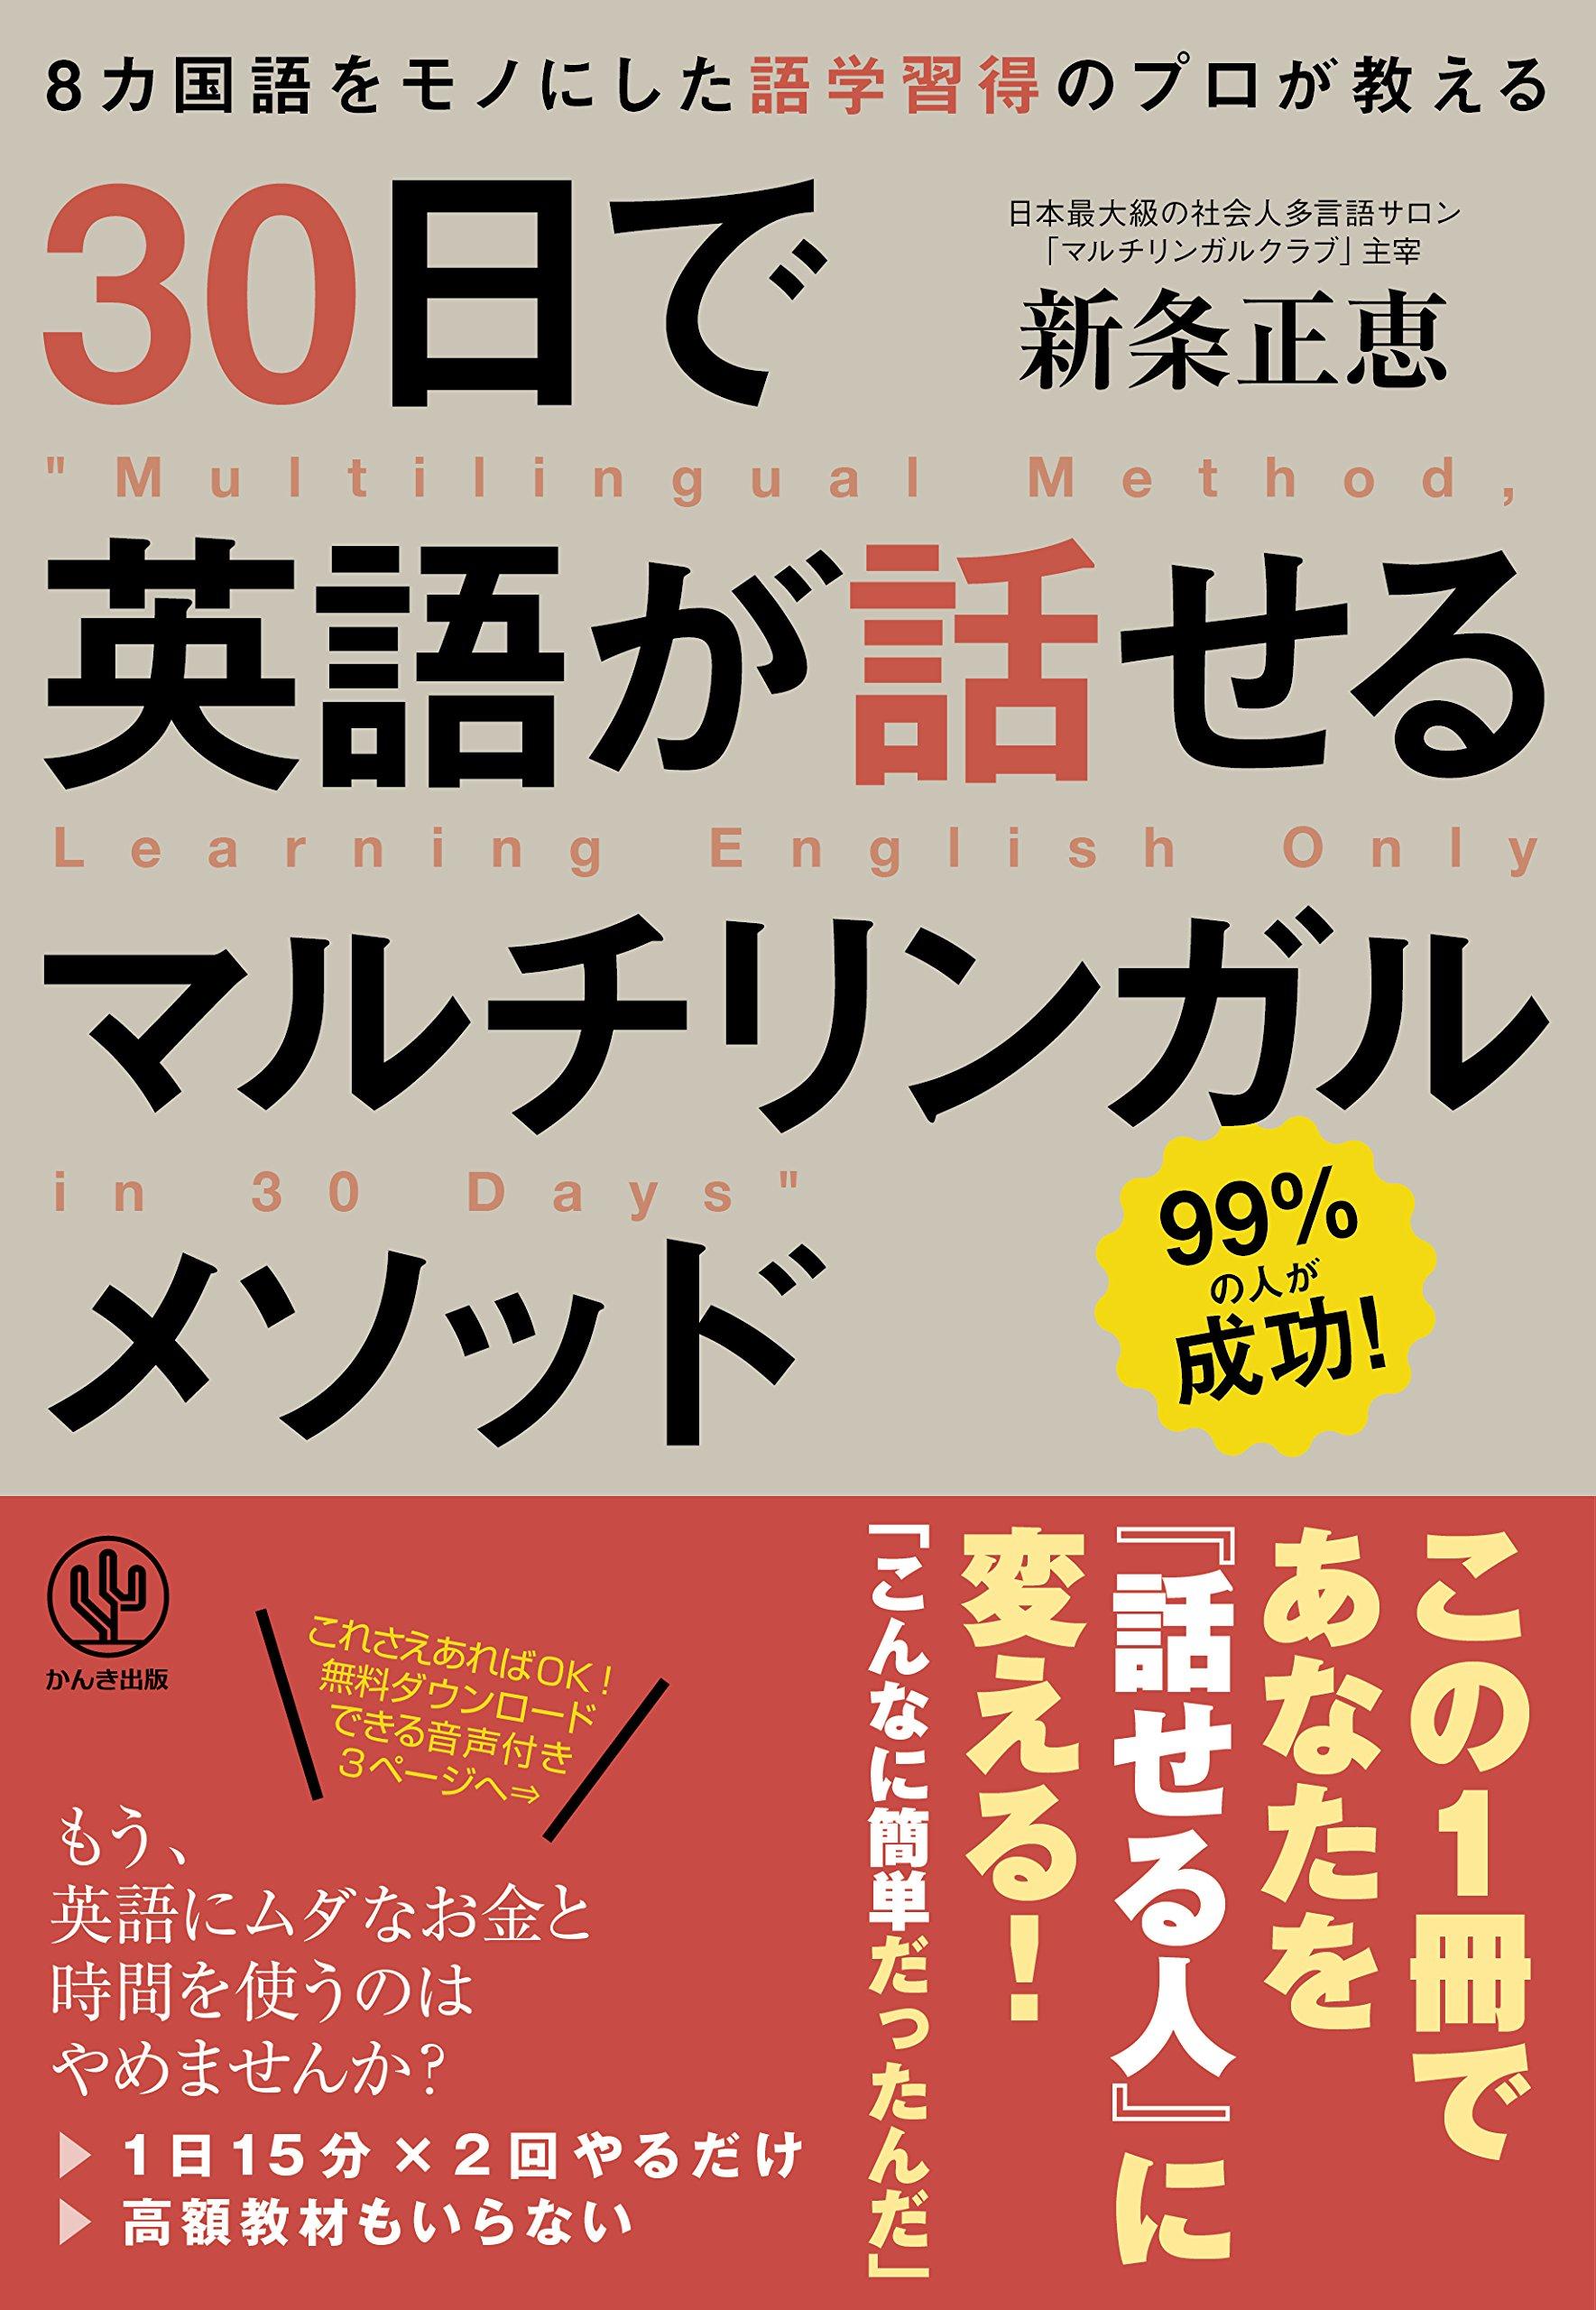 マルチリンガルメソッド 英語読書会 新条正恵 徳島県徳島市